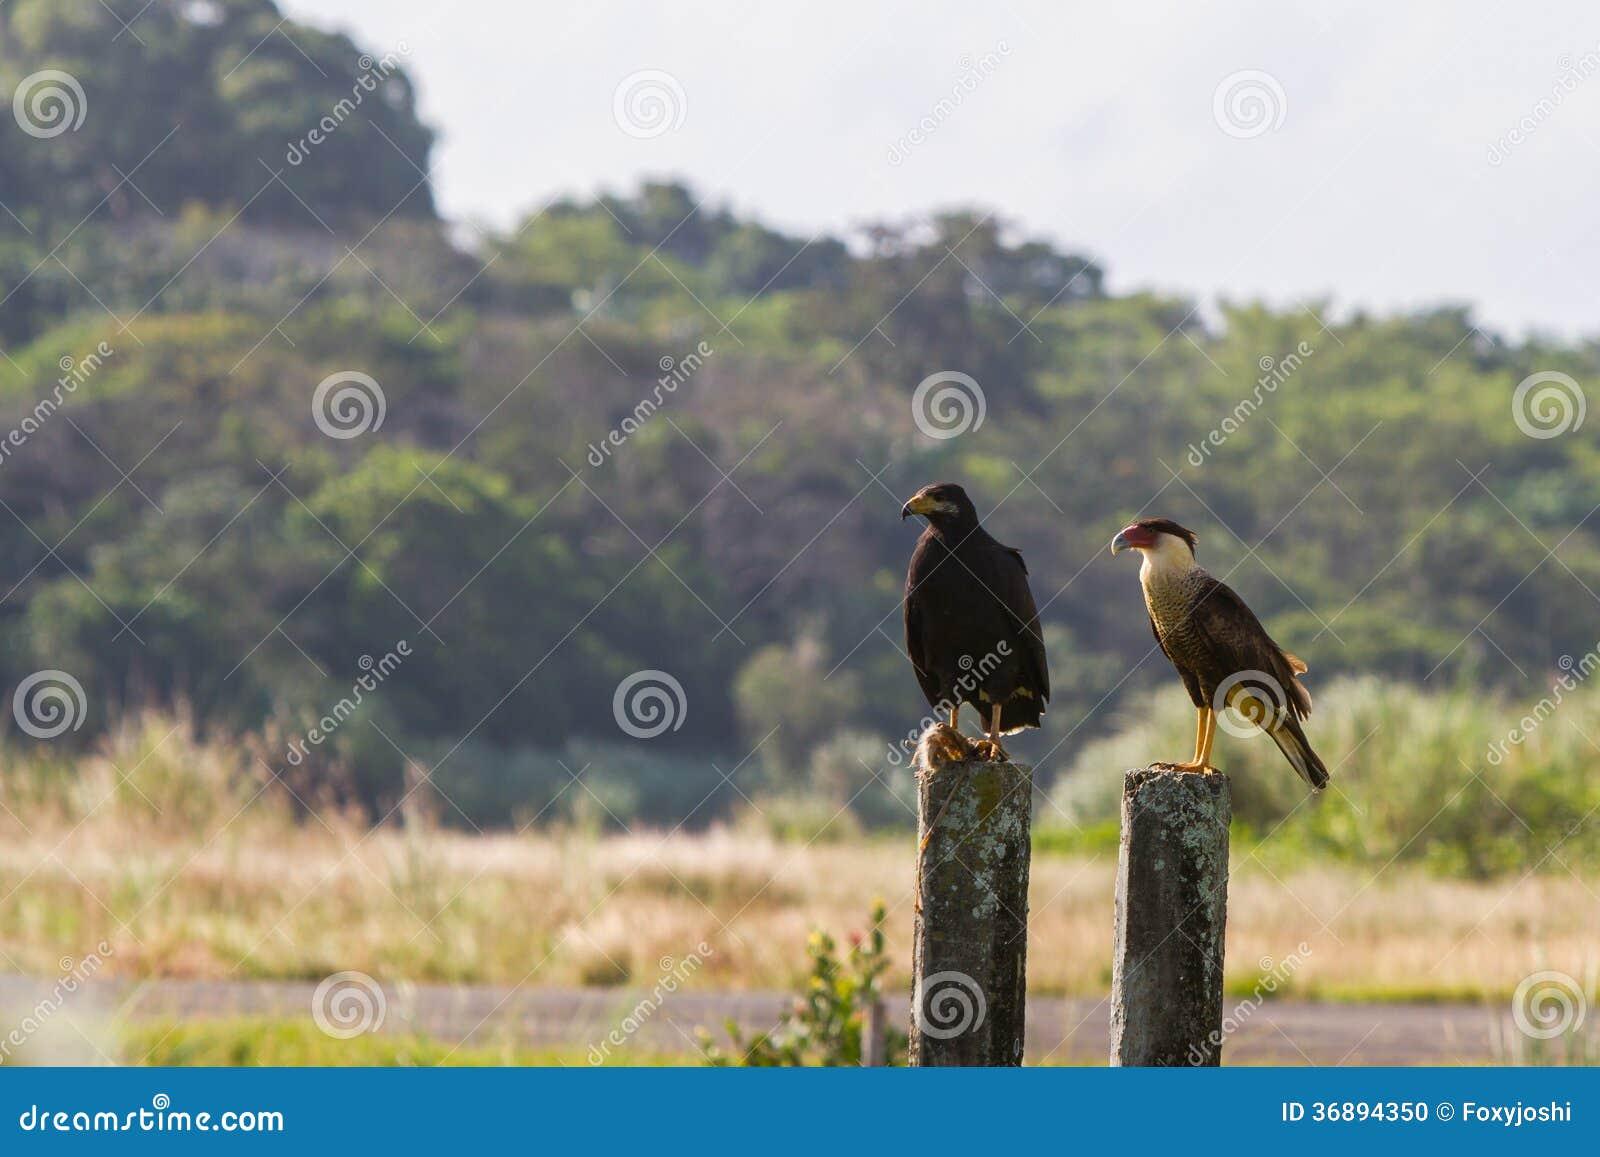 Download Falco Nero & Caracara Crestato Fotografia Stock - Immagine di hawk, sherman: 36894350